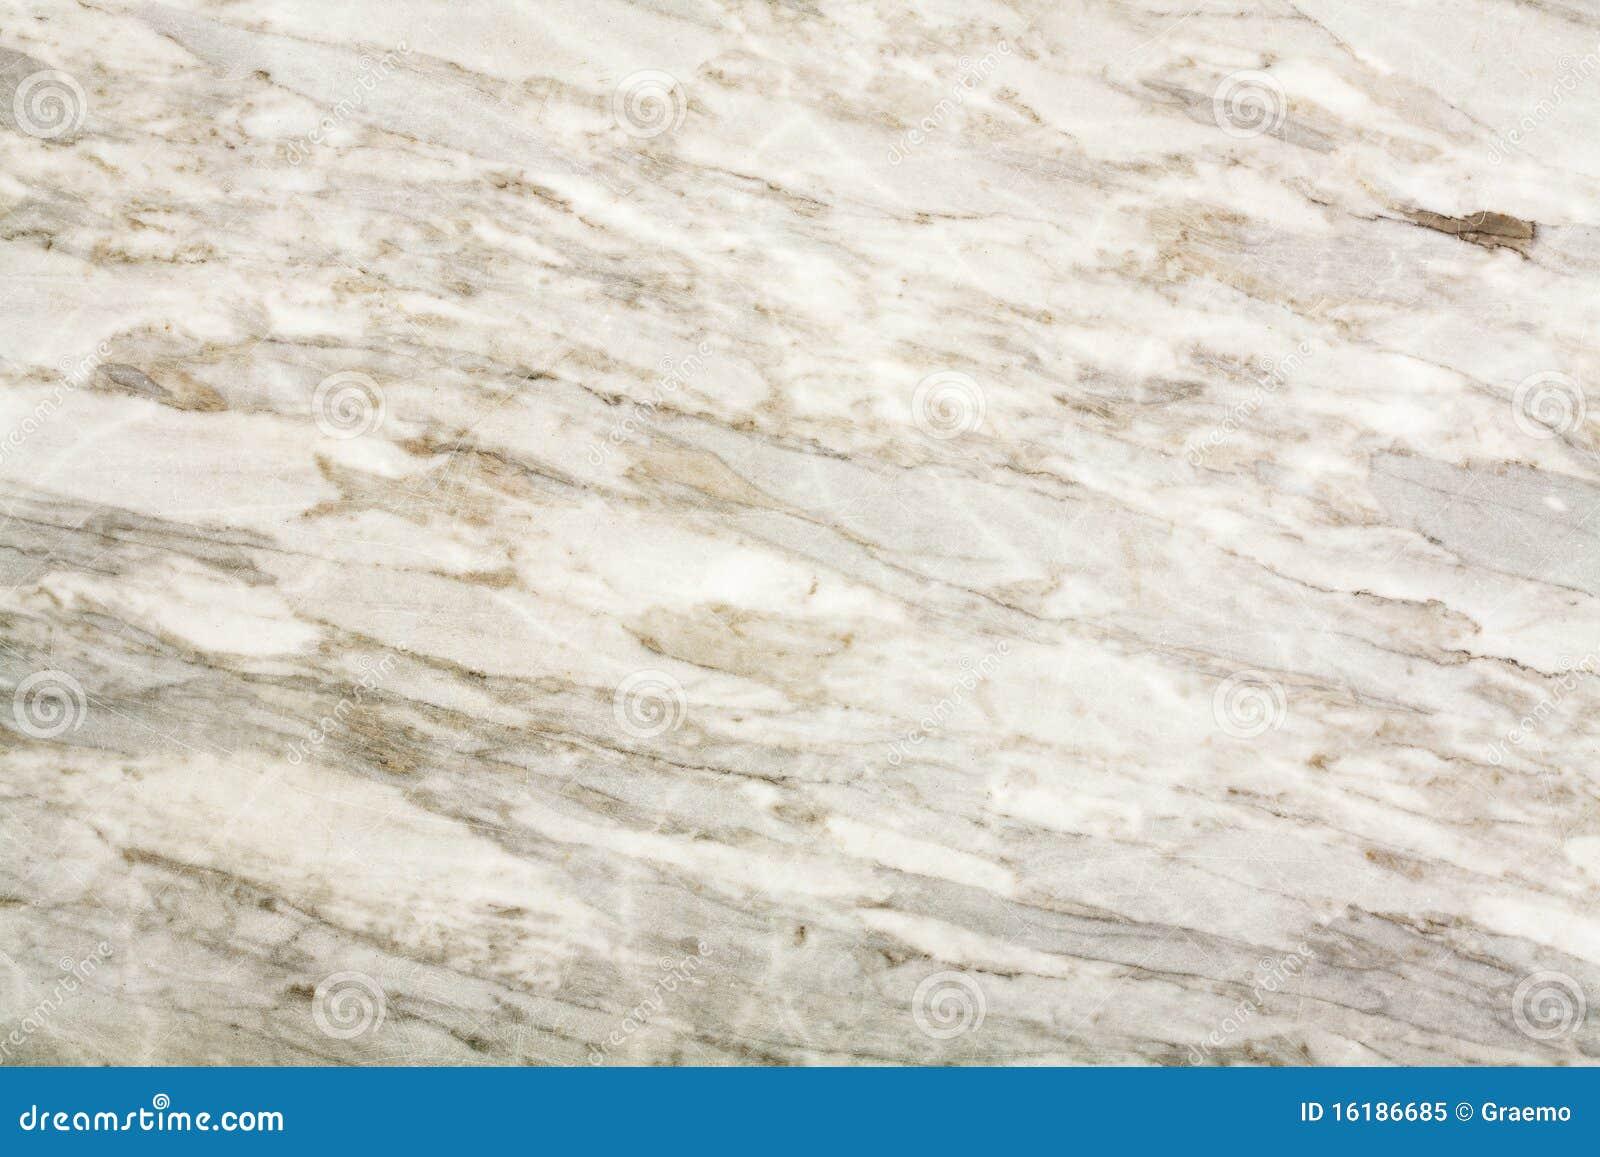 Textura de piedra de m rmol foto de archivo libre de for Textura del marmol